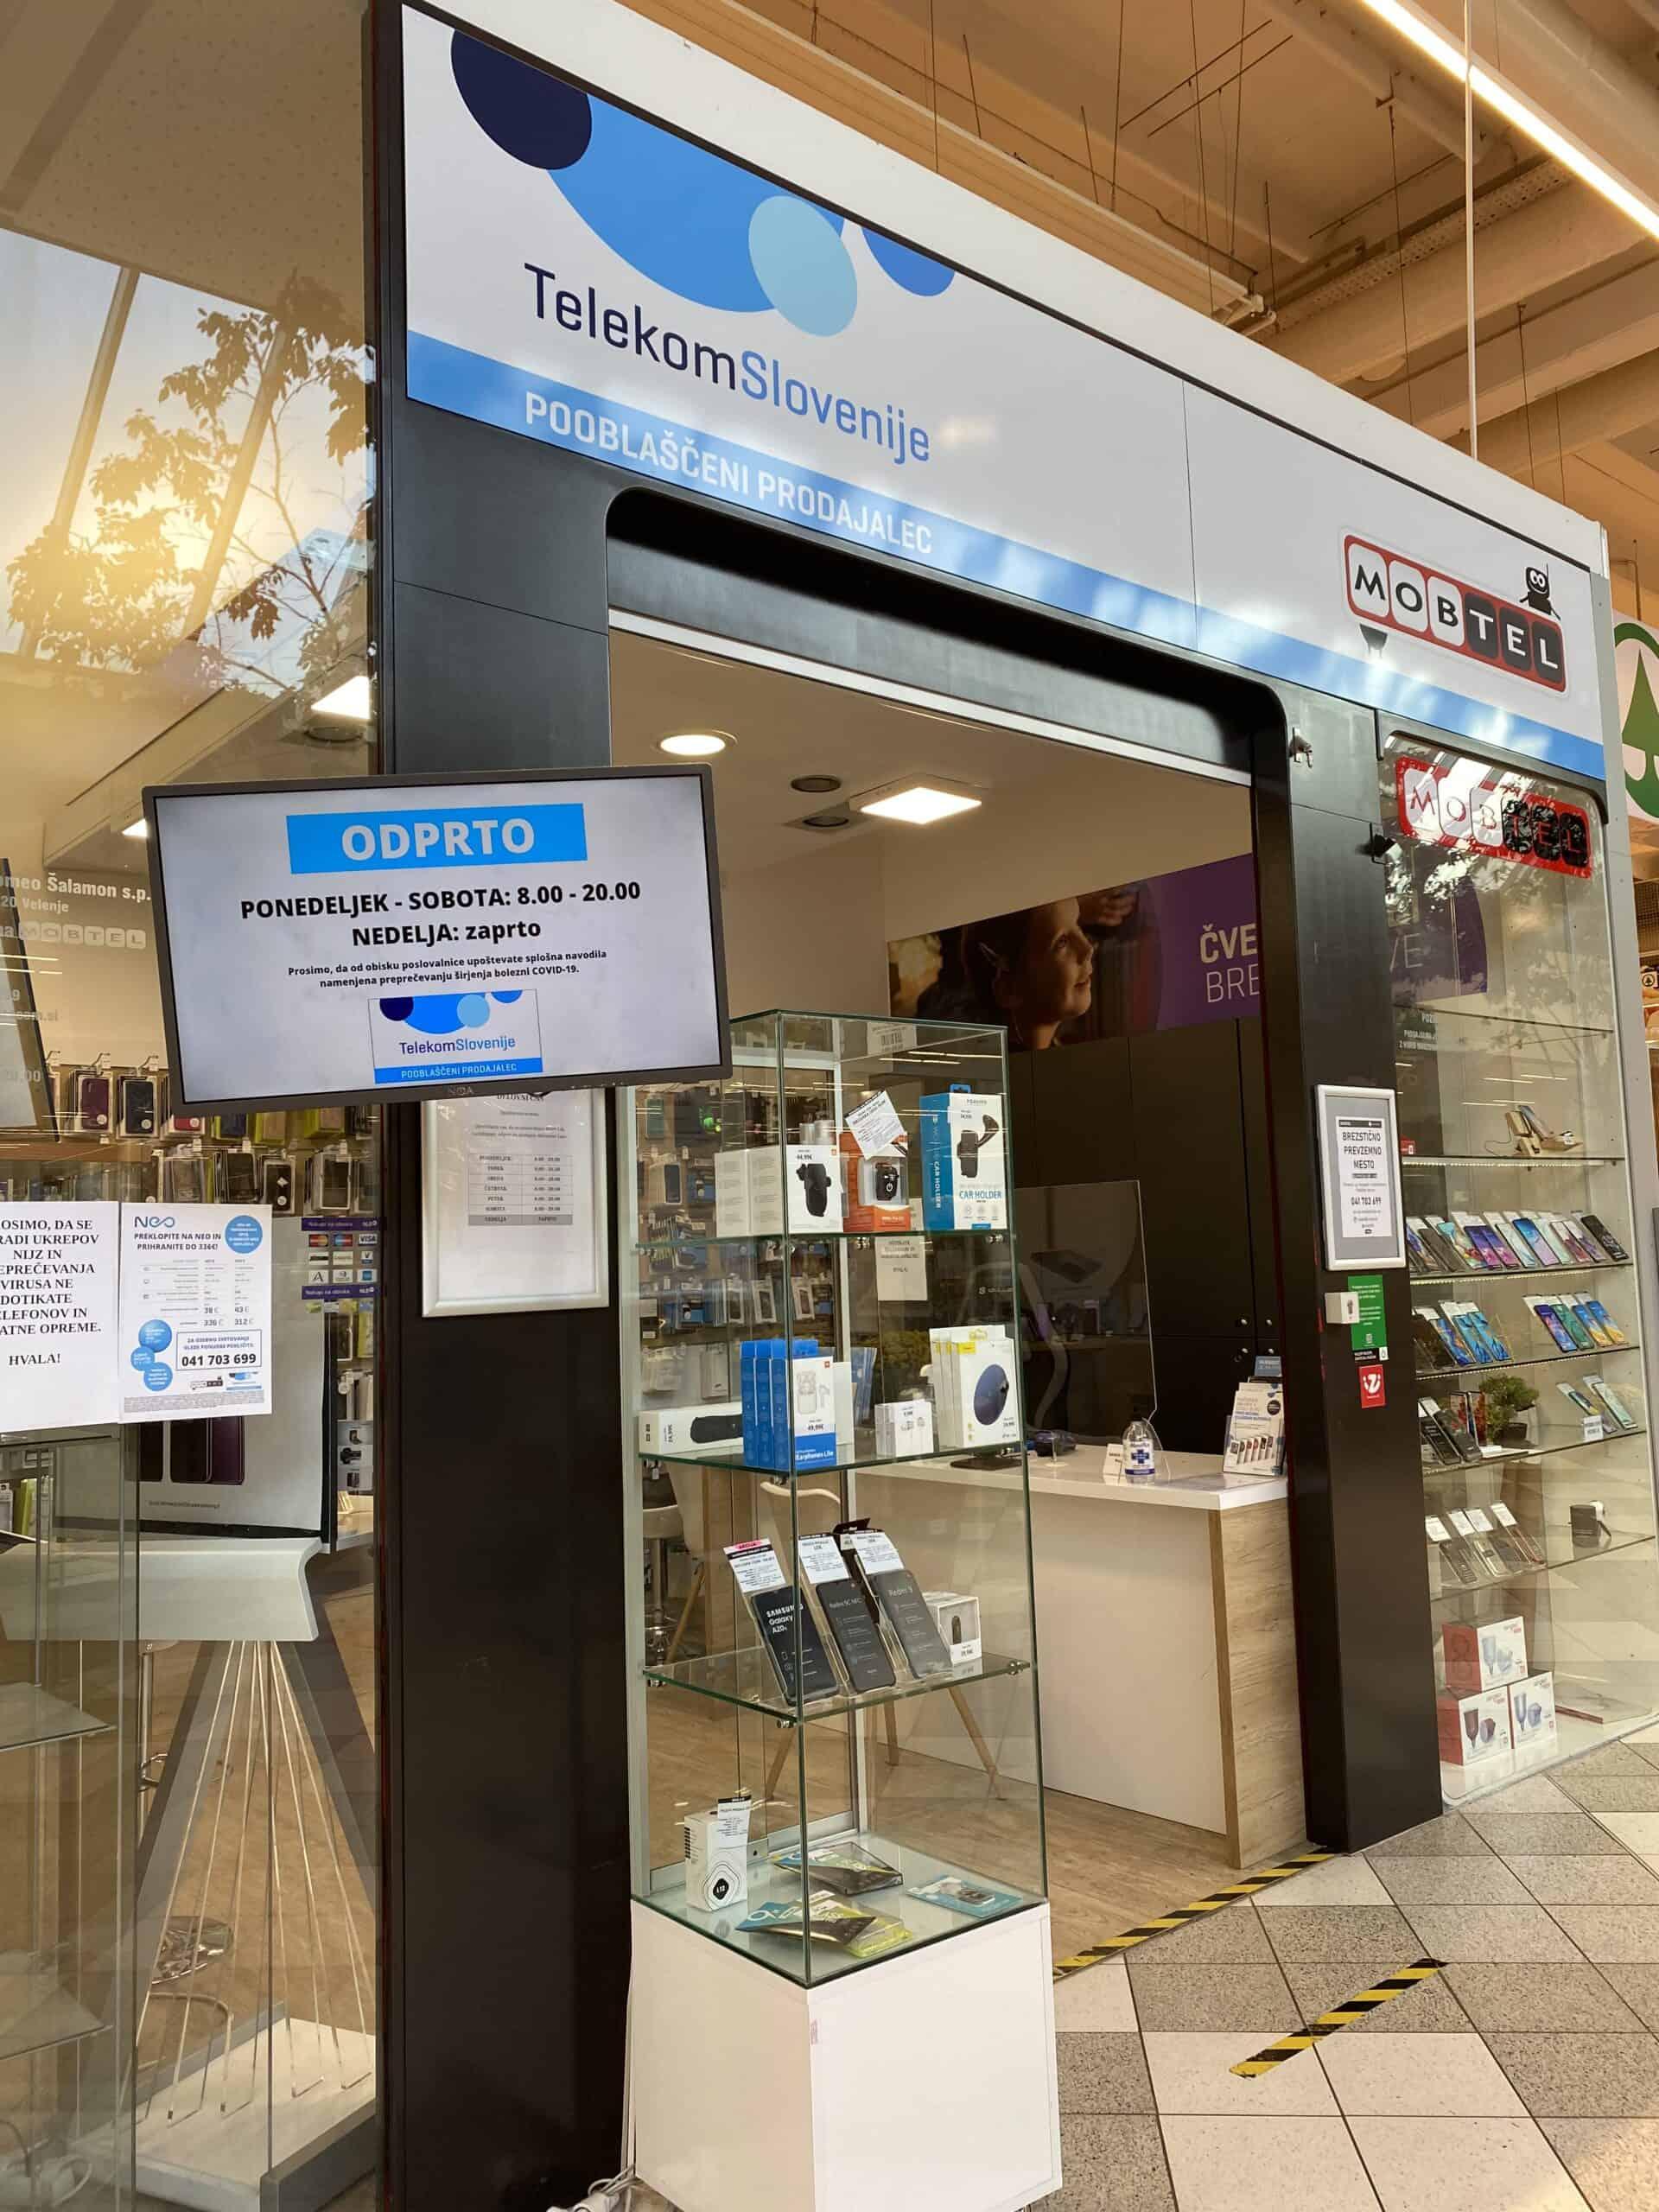 Pooblaščeni prodajalec Telekoma Slovenije | Mobtel Šalek